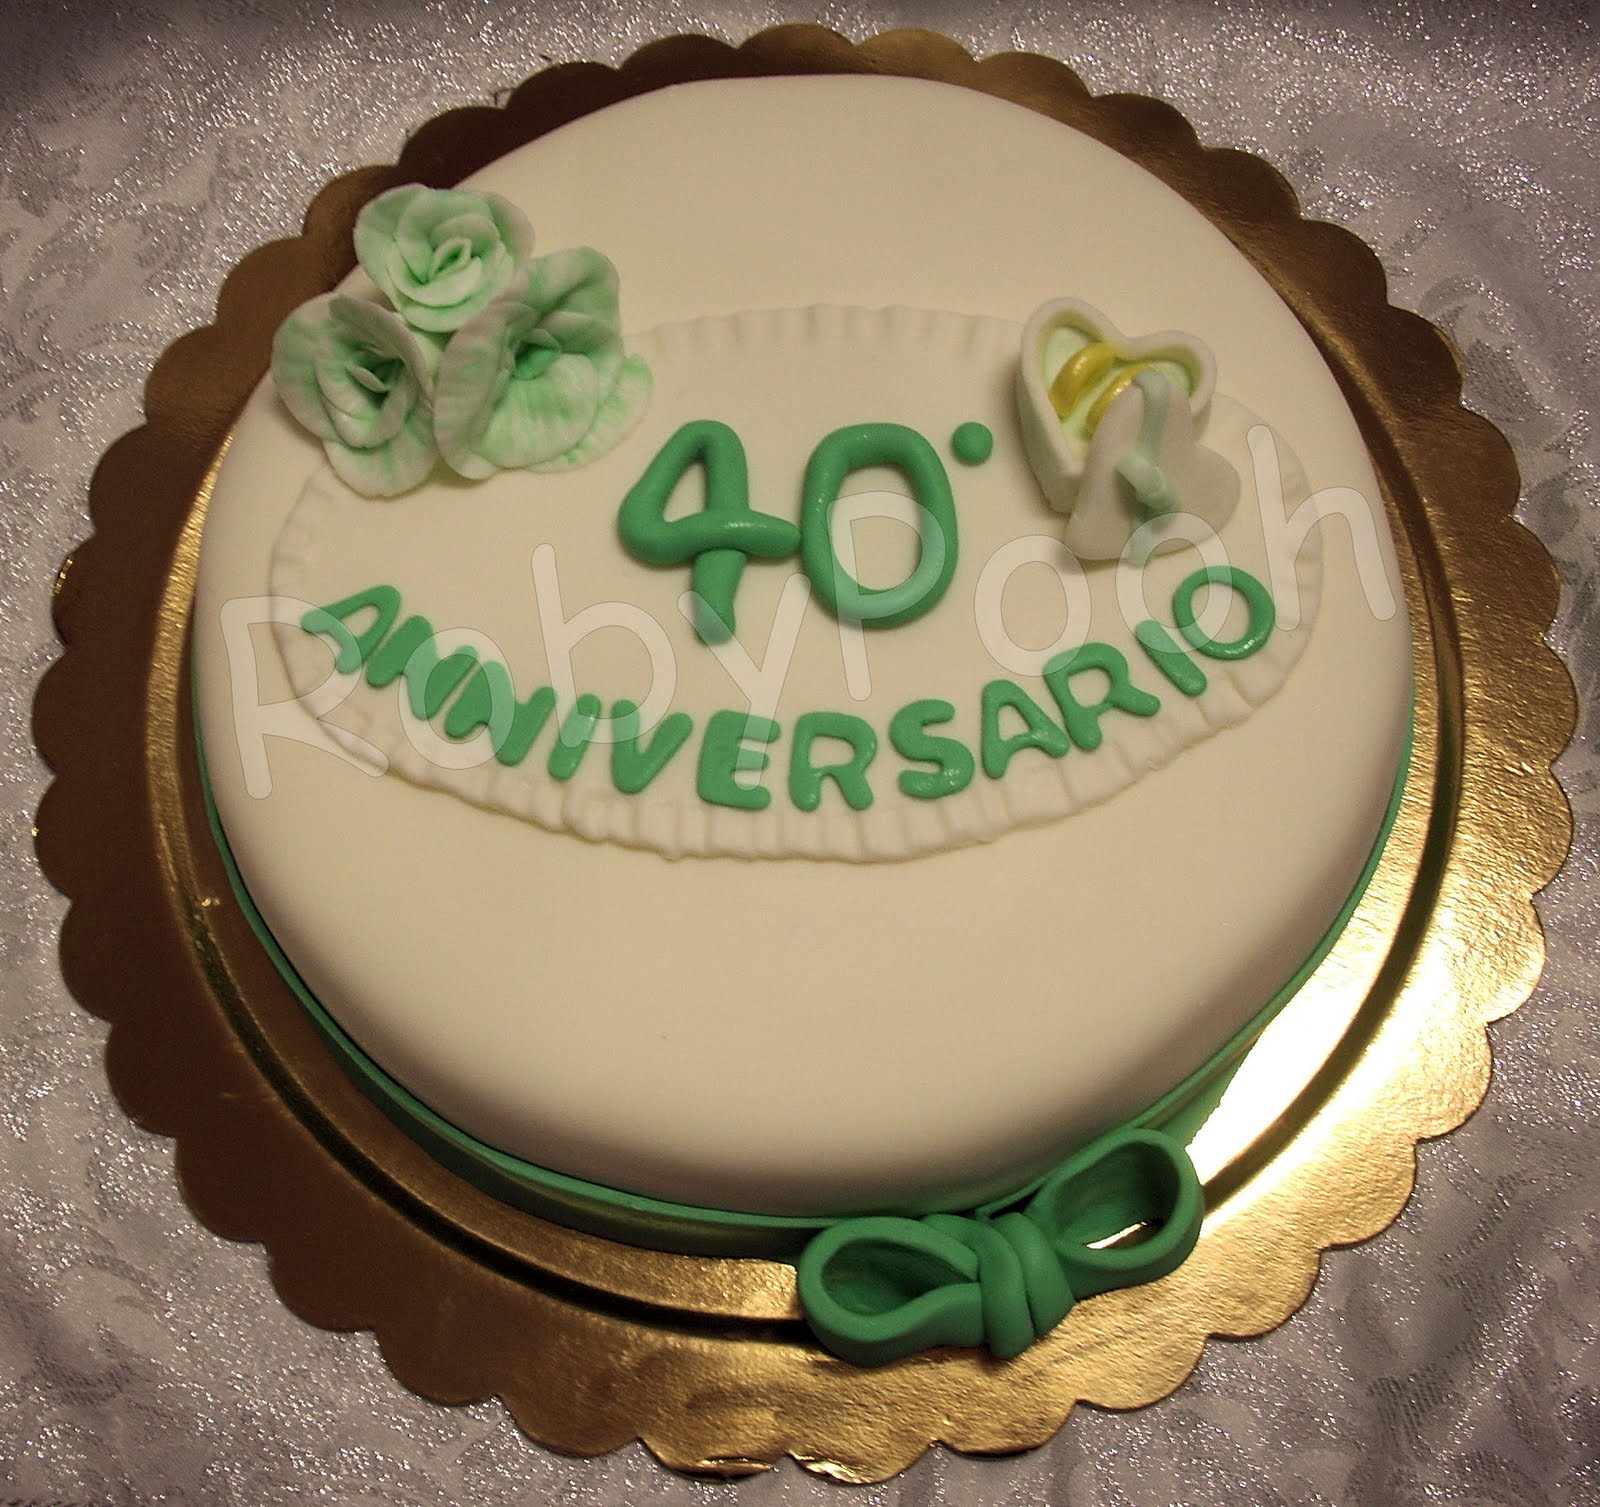 Eccezionale Dolci&Delizie: Torta 40° anniversario di matrimonio DS65